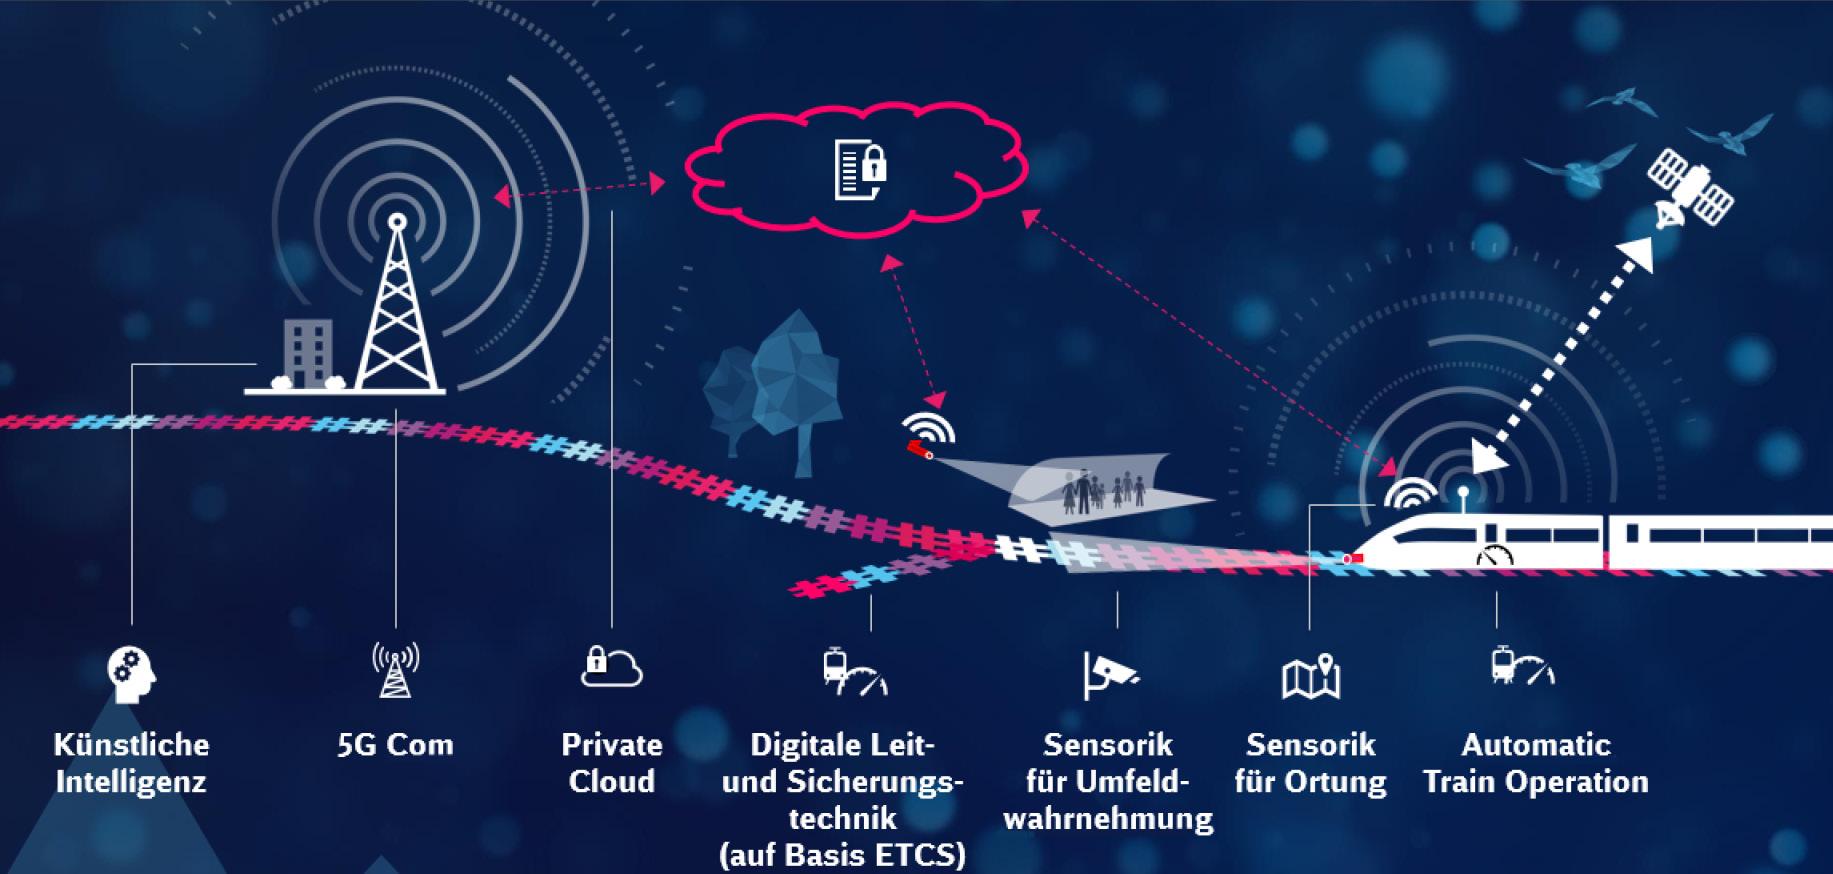 Grafik zur Digitalisierung der Schieneninfrastruktur